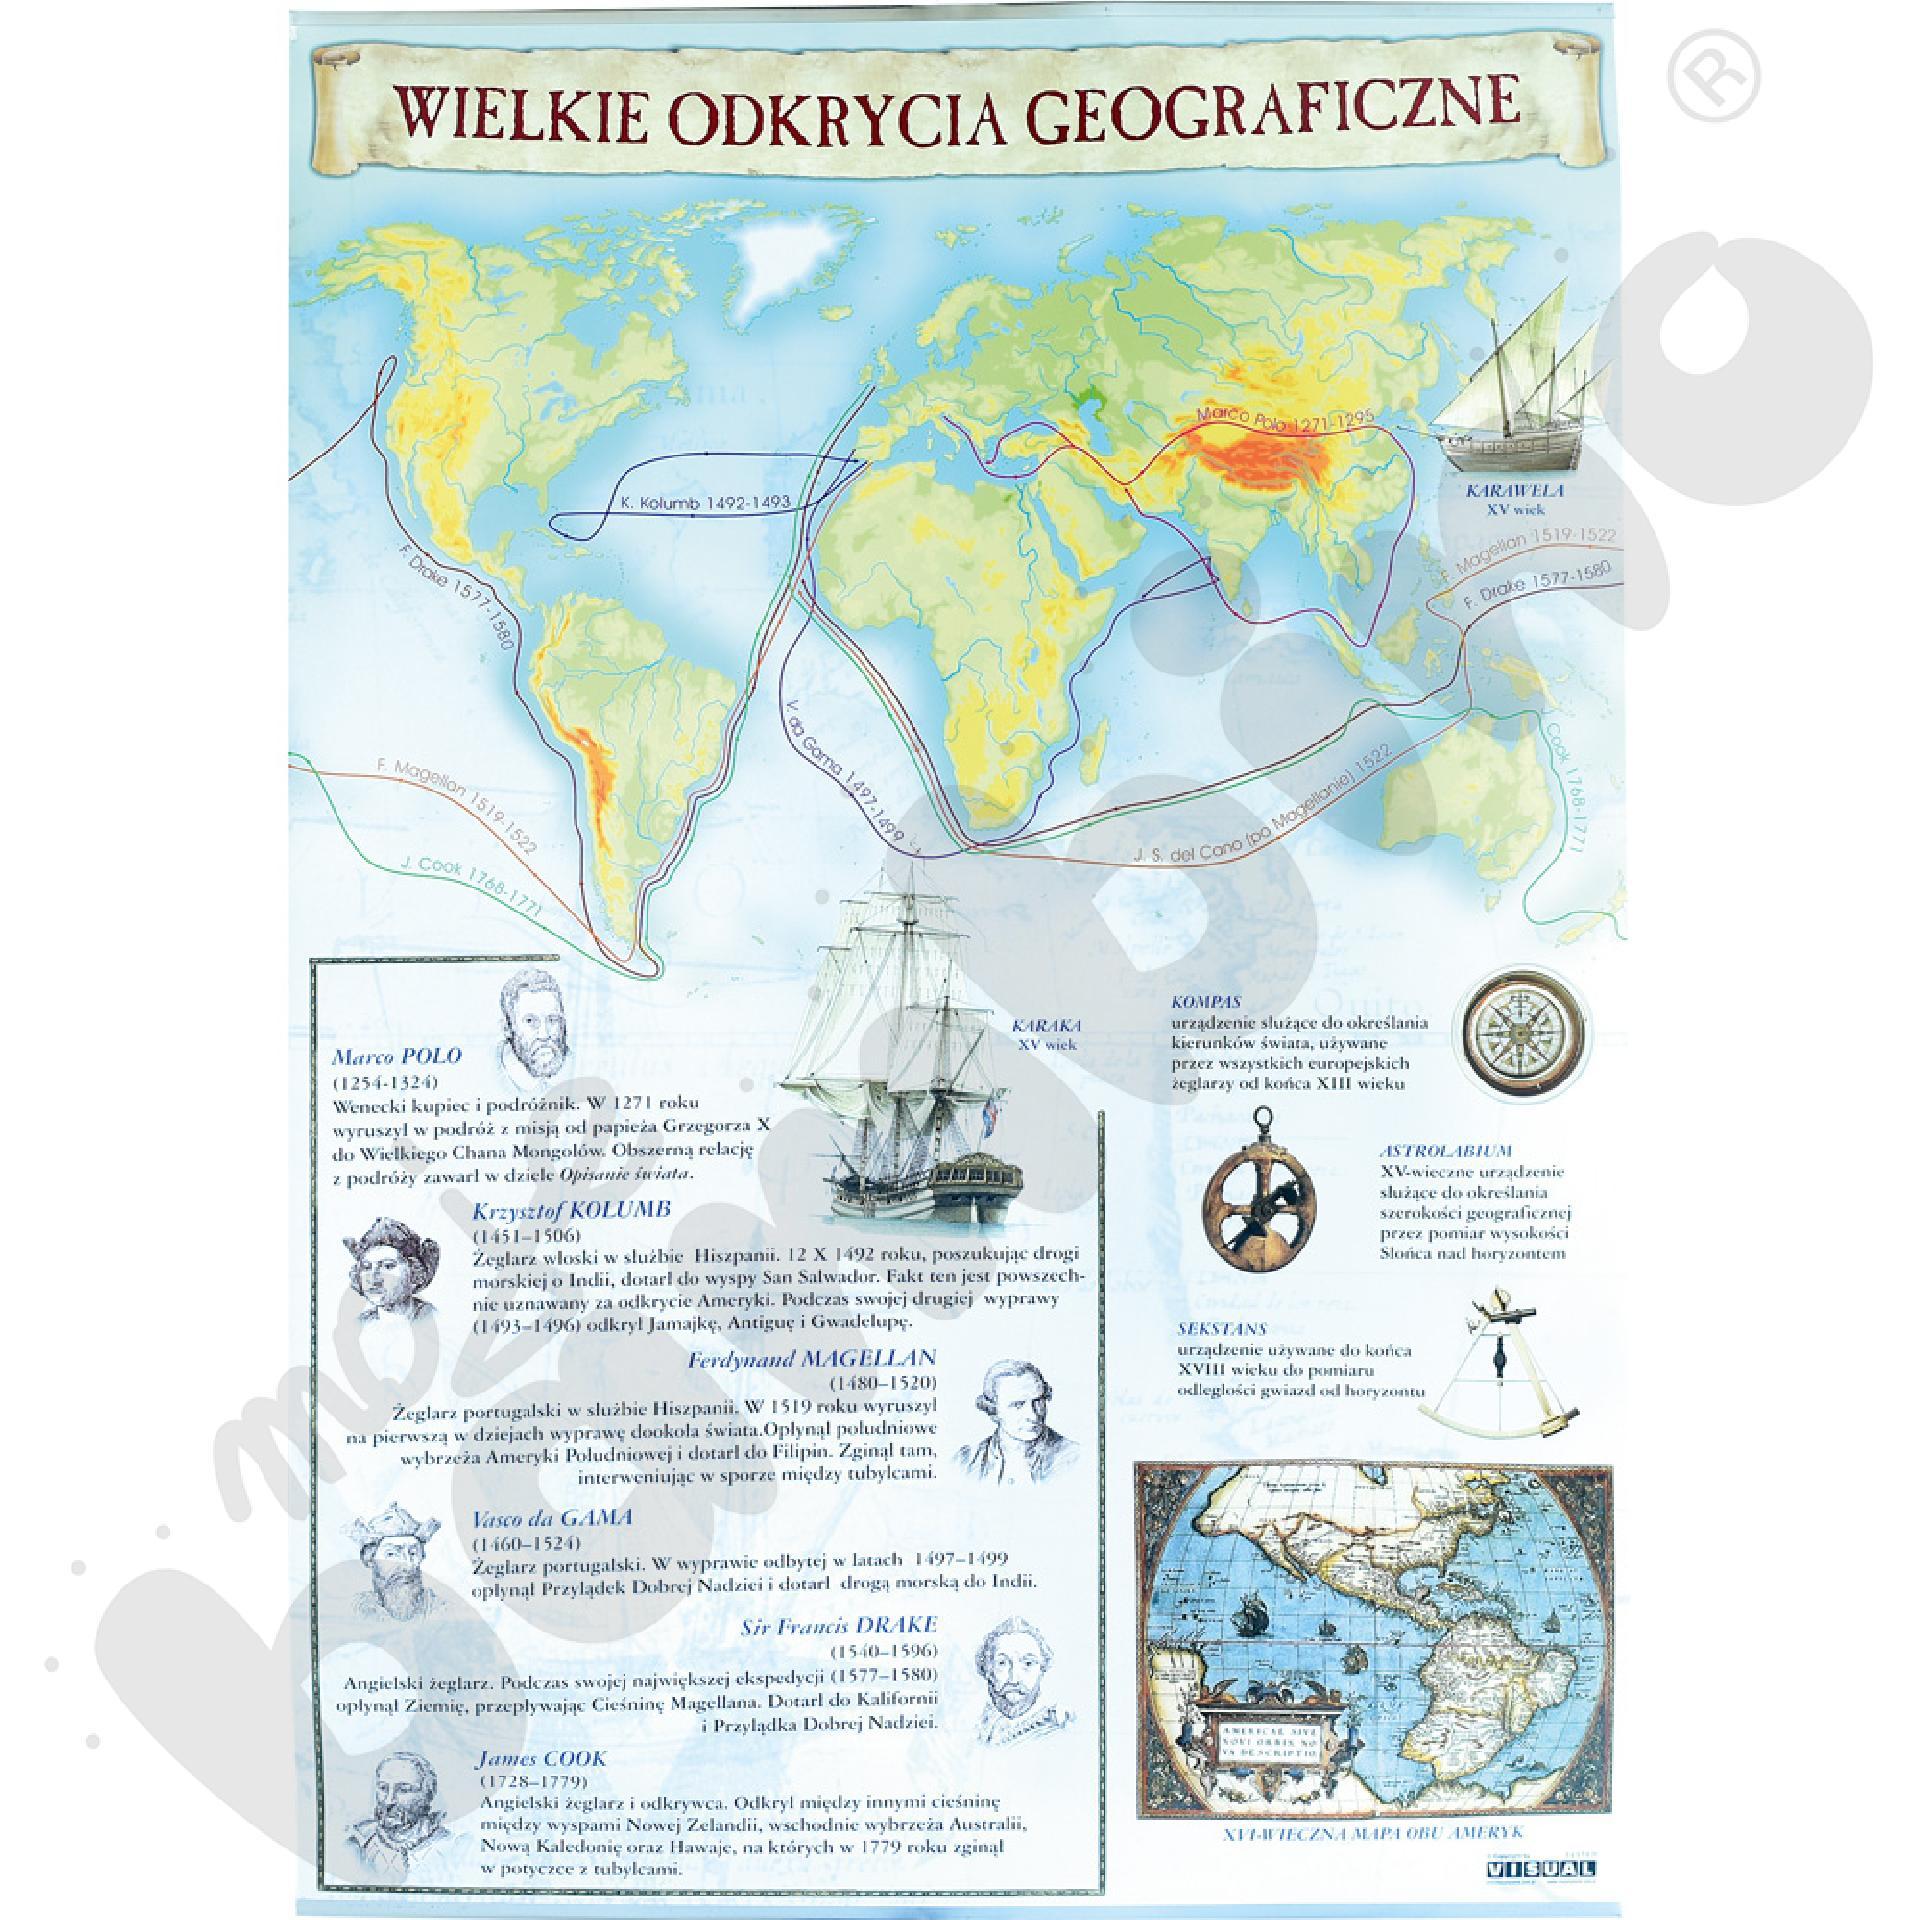 Plansza dydaktyczna - Wielkie odkrycia geograficzne